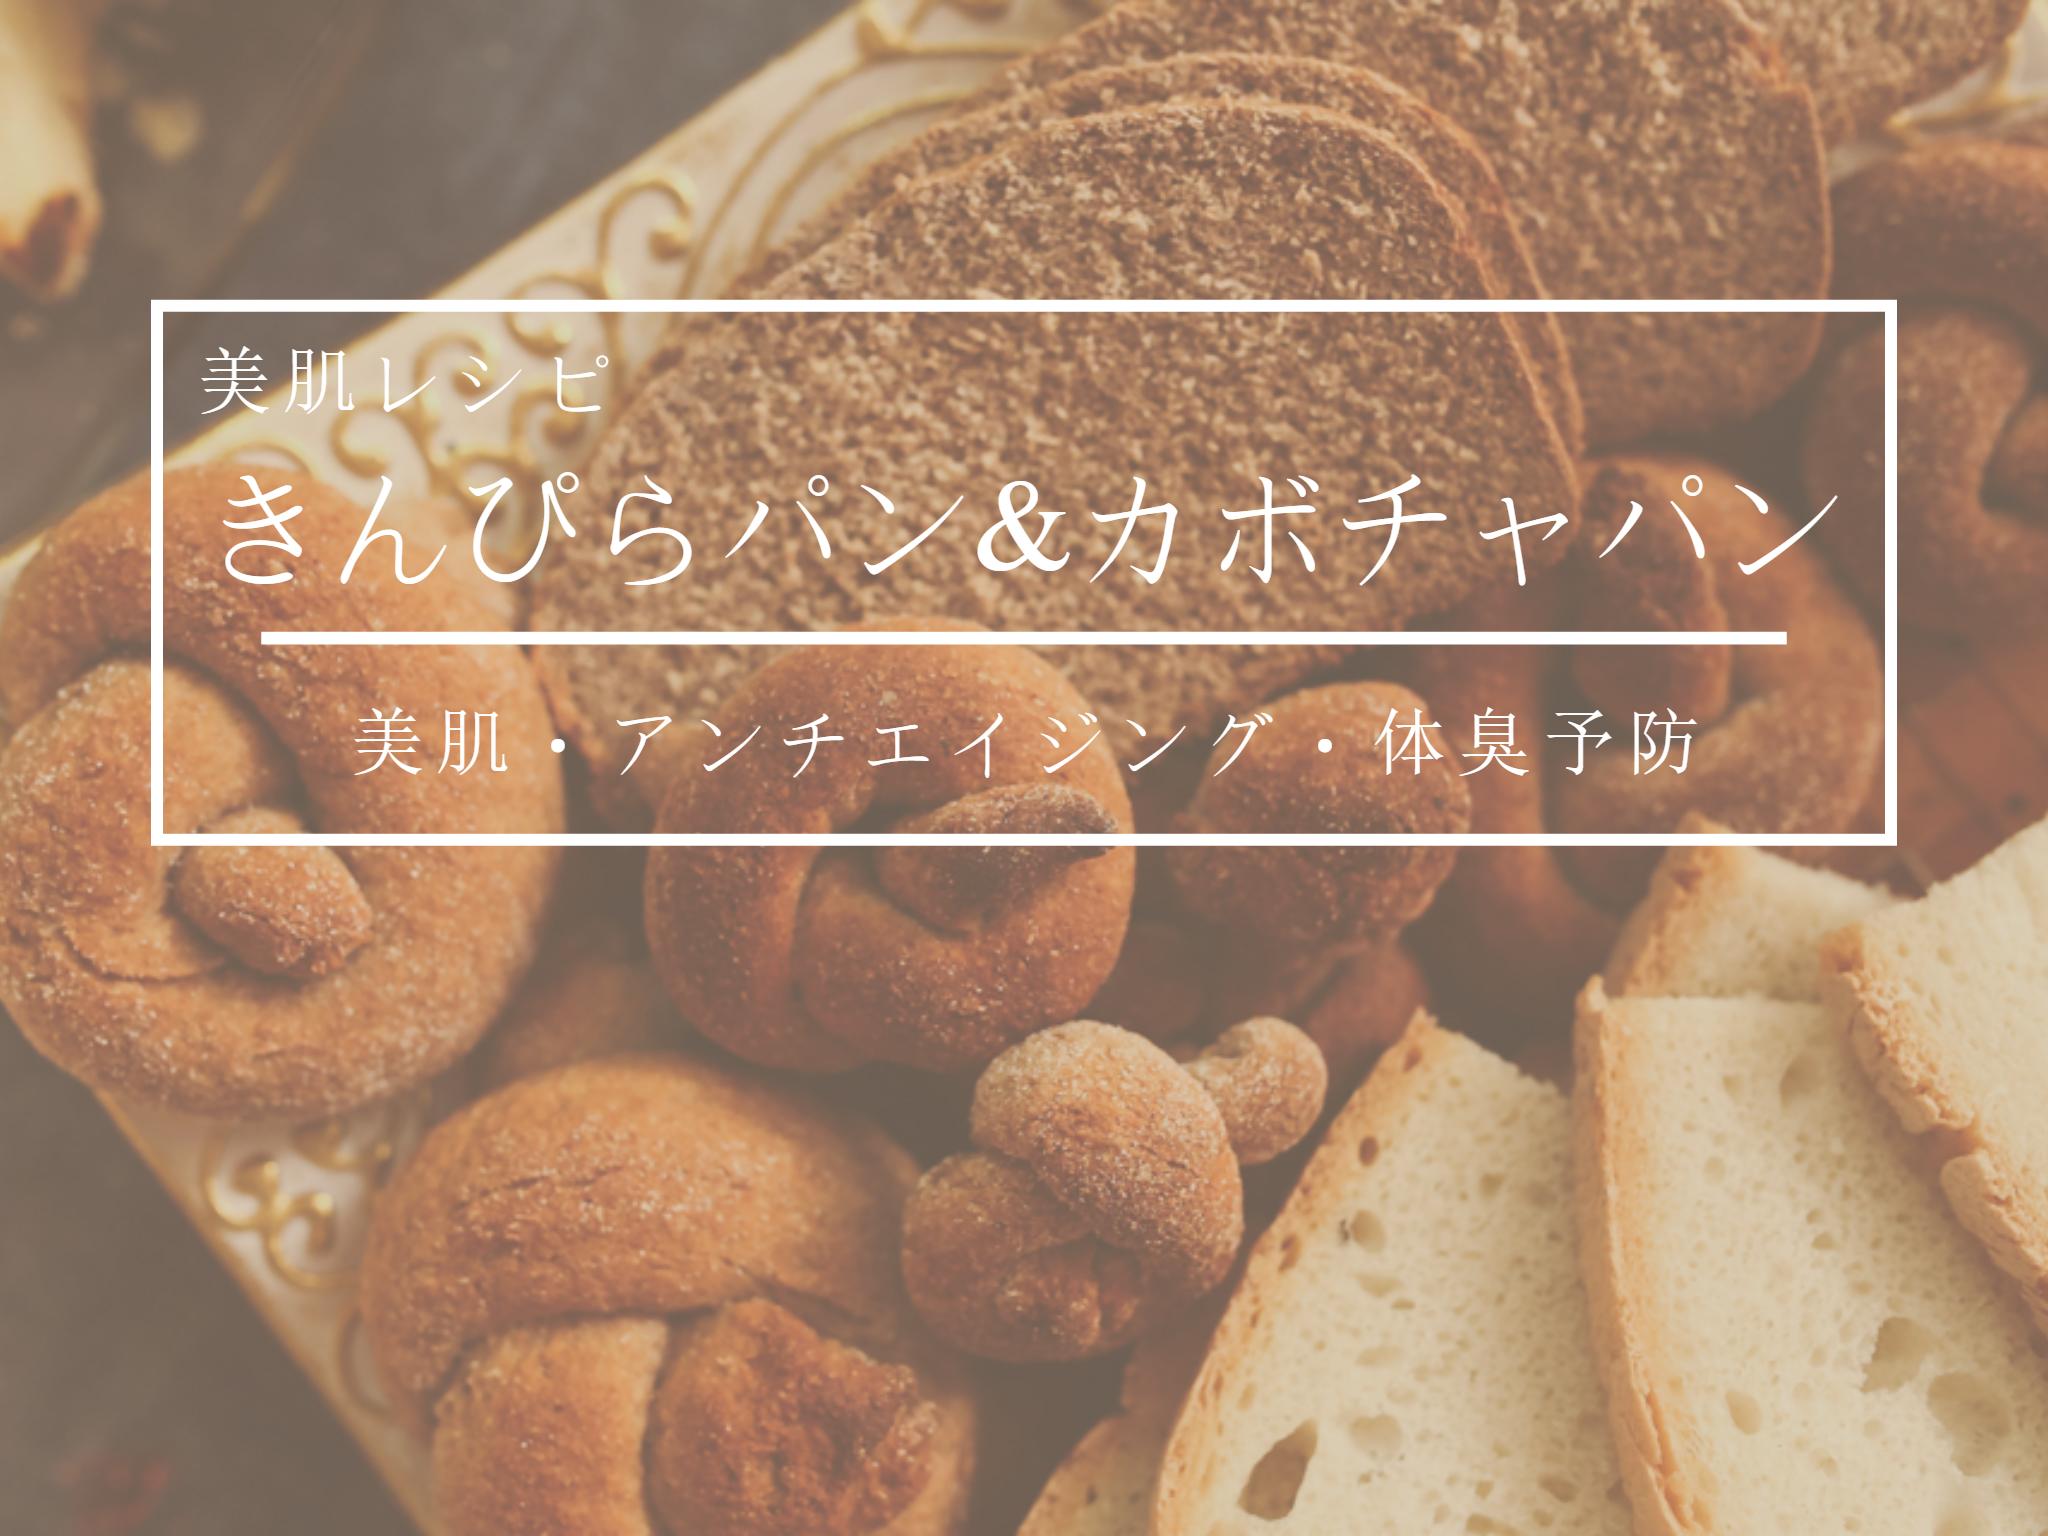 きんぴらかぼちゃパン